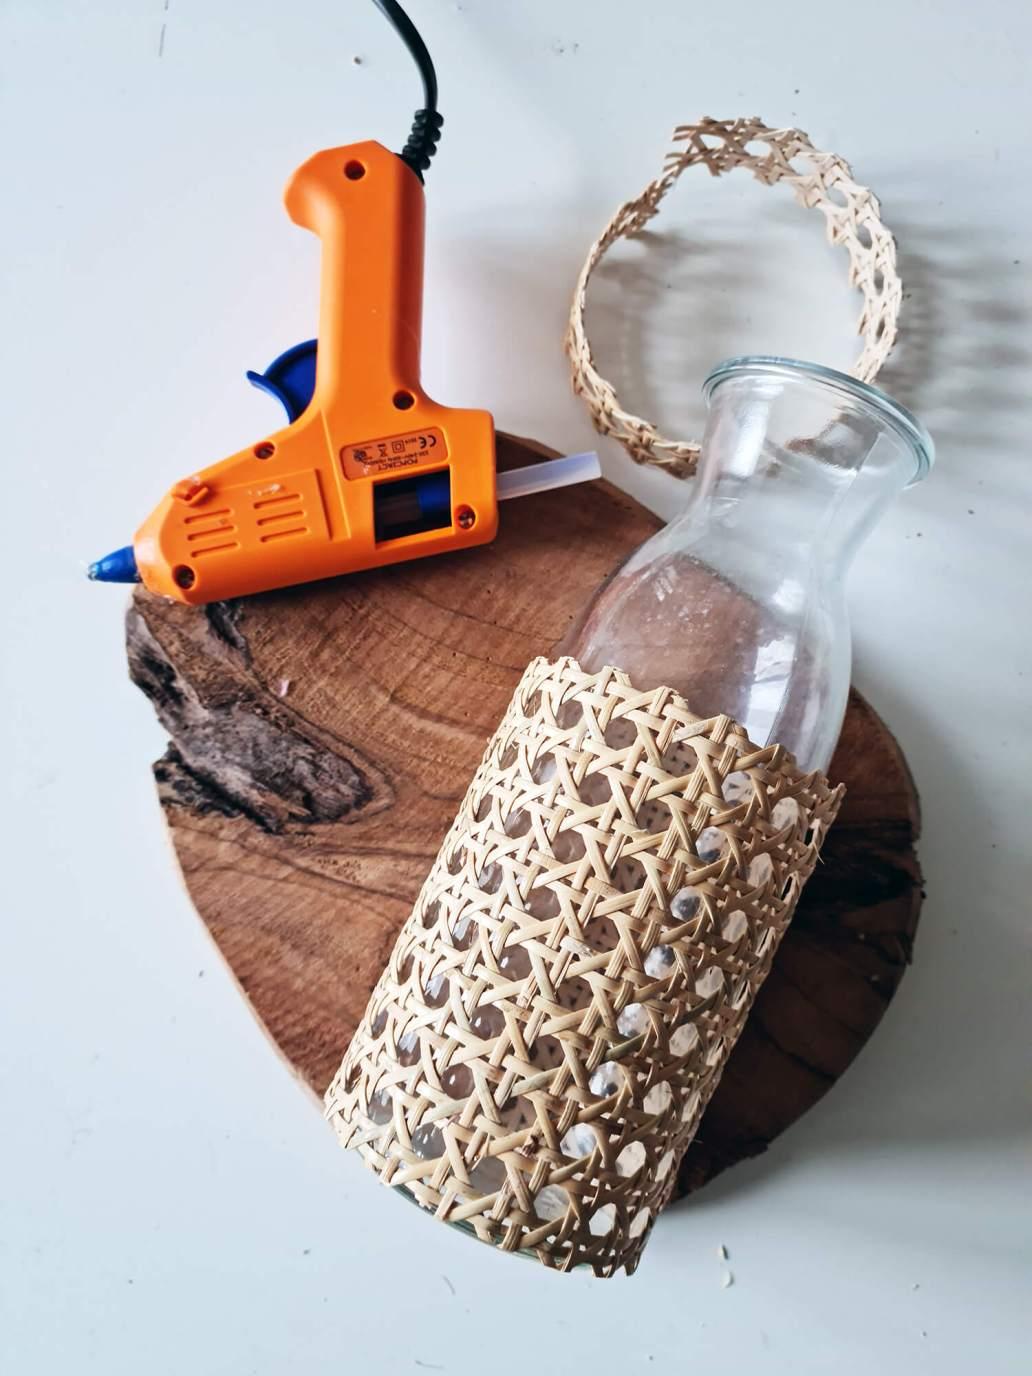 20210311 175516 - DIY rapide : personnaliser une bouteille avec du cannage